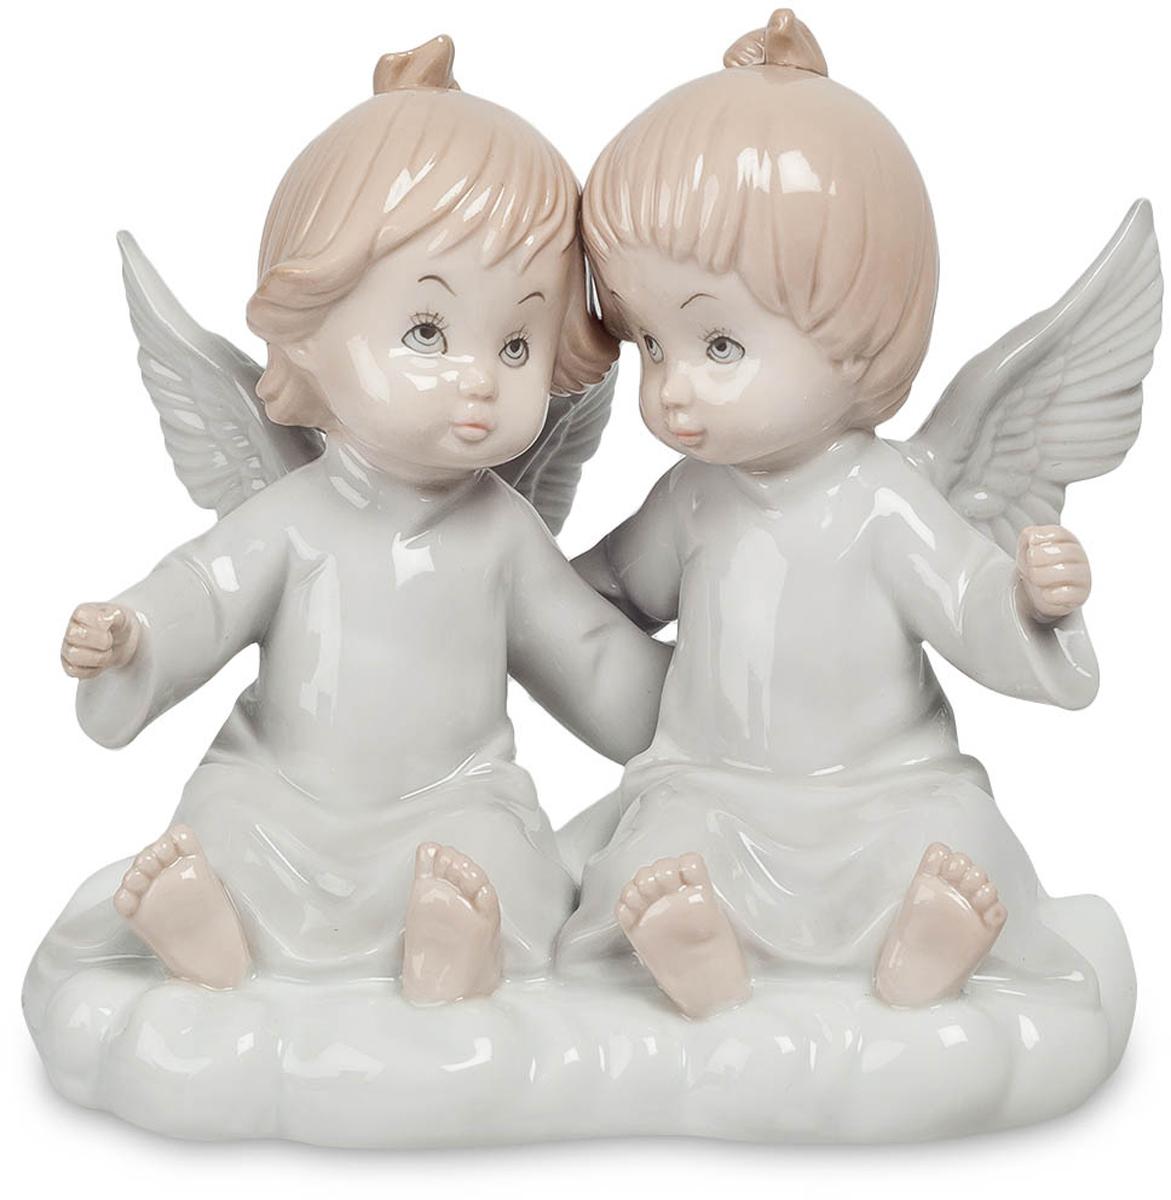 Фигурка Pavone Парочка ангелов. JP-05/12JP-05/12Фигурка Ангелочков высотой 14 см.Нет никого ближе друг другу, чем близнецы. Их связь настолько сильна, что её не в силах разорвать ни расстояние, ни время, ничто.На протяжении всех времён близость друг другу близнецов была уникальна и неповторима. Они всегда были, есть и будут знаменем силы, верности. Связь между ними так прочна, что её невозможно разорвать. Фигурка Парочка ангелов станет великолепным и милым подарком для близняшек и их ангелами-хранителями. Фигурка с двумя ангелочками не только красиво выглядит, но и всегда защитит ваших чад от бед и разочарований. Согласитесь, это немаловажно. Тёплые тона сделают детскую комнату ещё светлее и помогут статуэтке стать великолепным элементом интерьера.